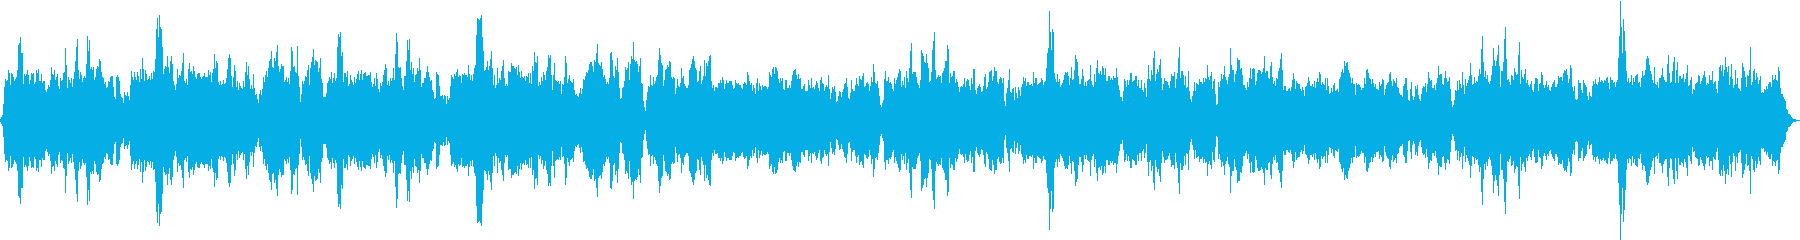 フランツ・ヨーゼフ・ハイドンのカバーの再生済みの波形